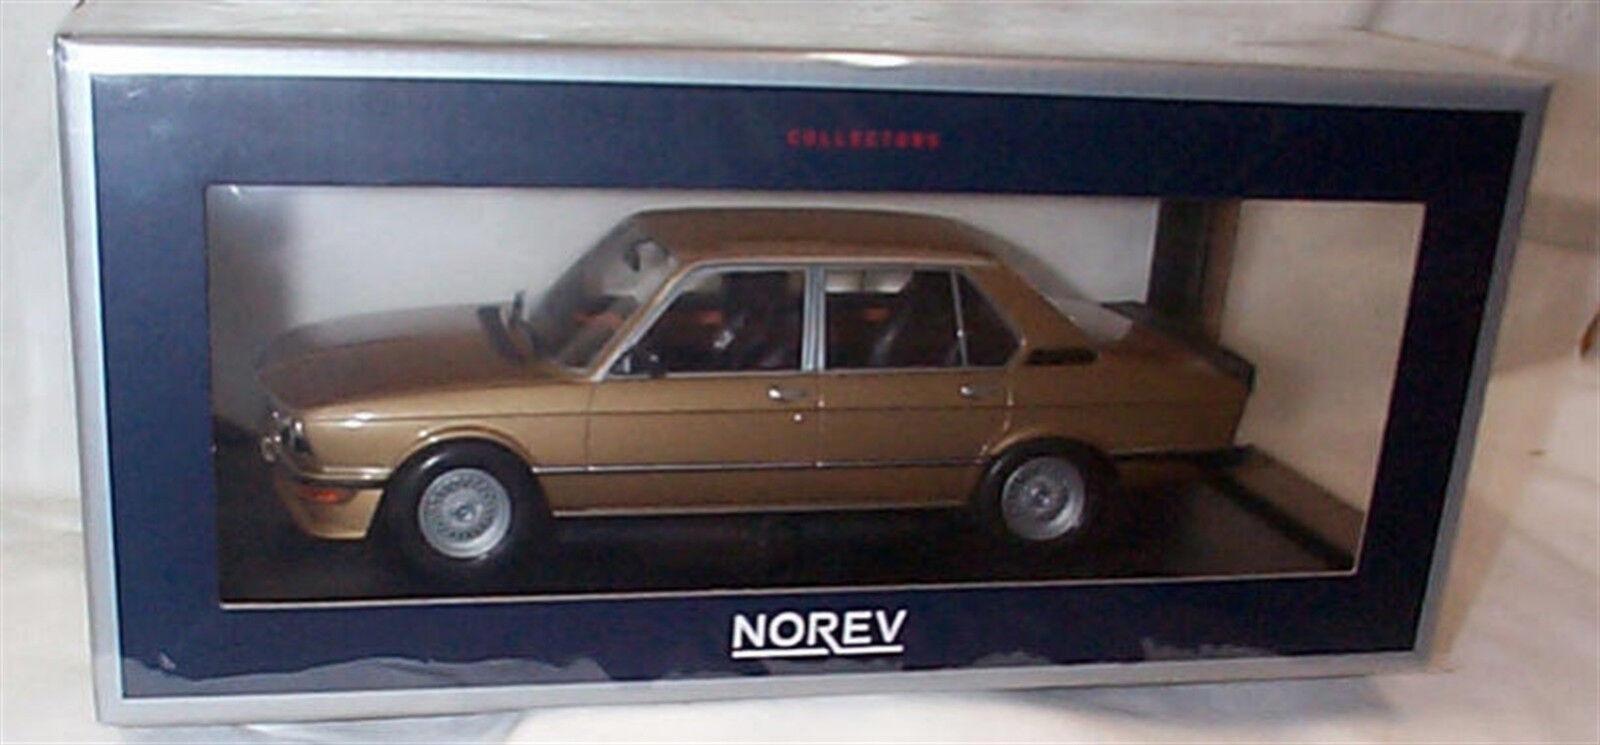 BMW M 535i 1980  in (environ 5029.20 cm) or échelle 1 18 nouveau in Box 183268  shopping en ligne